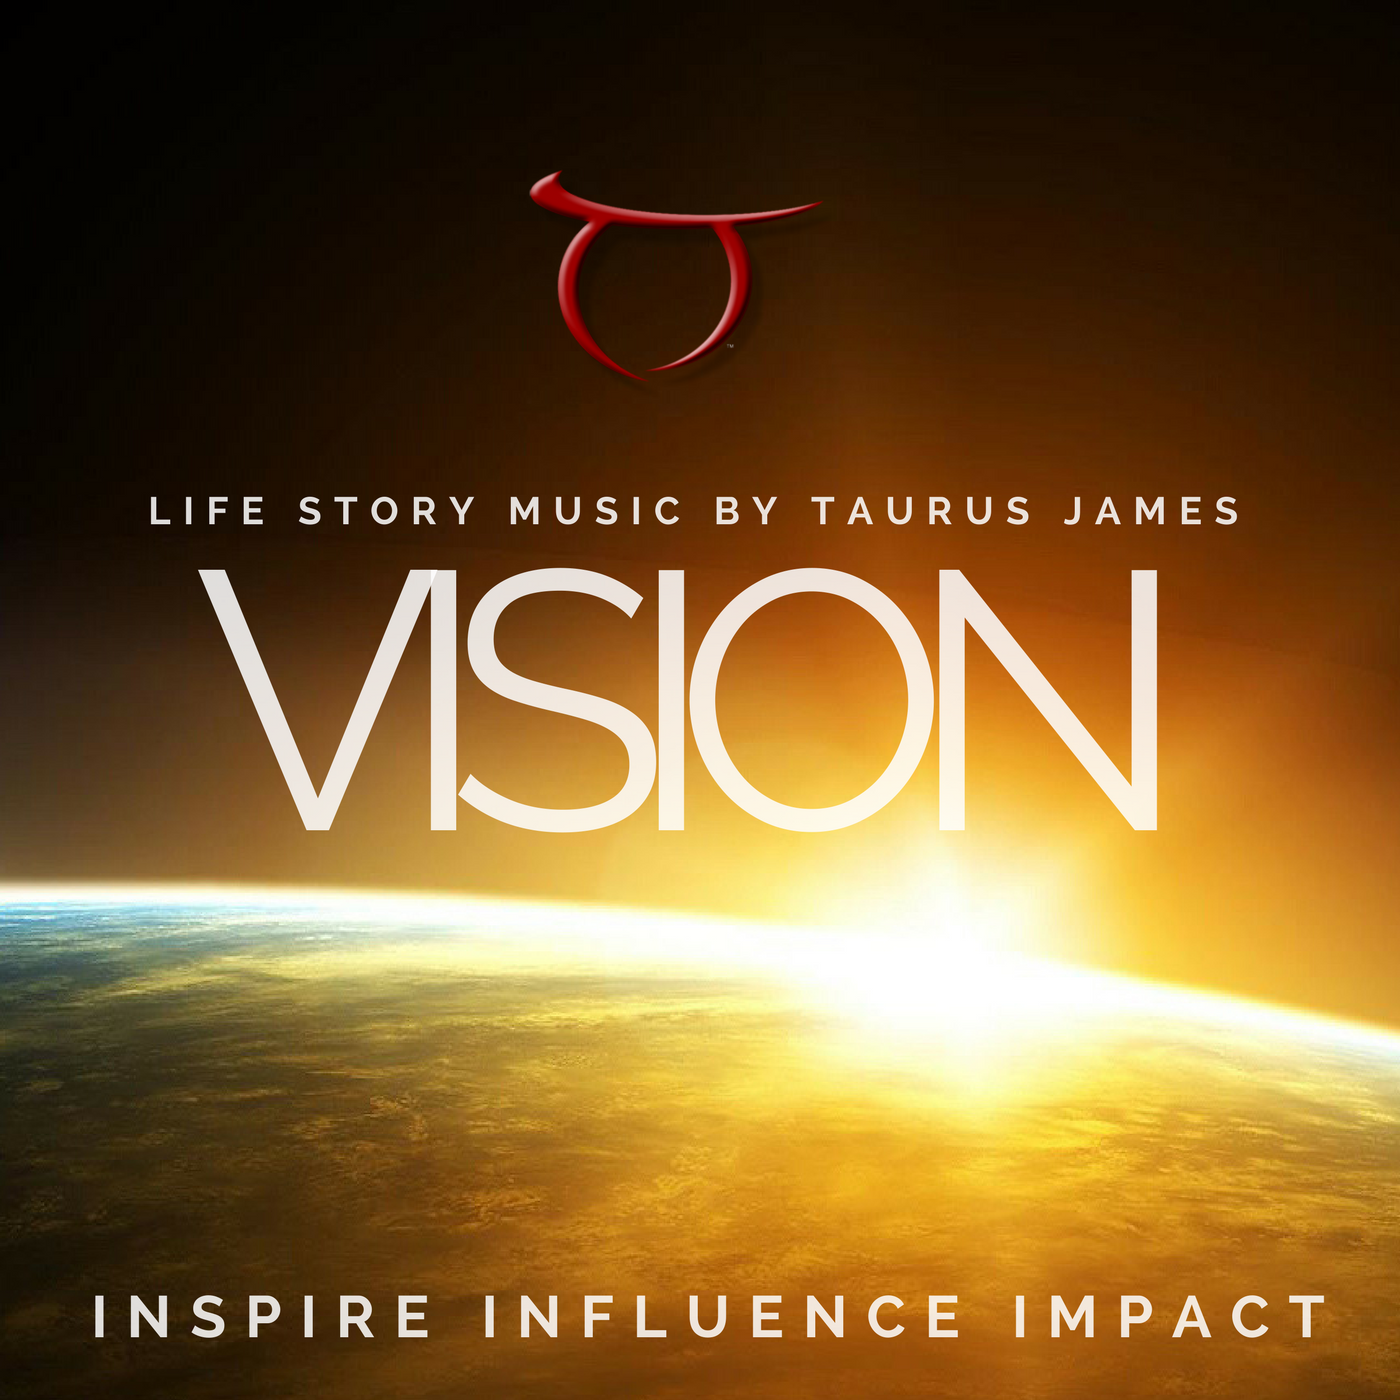 VISION Music Album